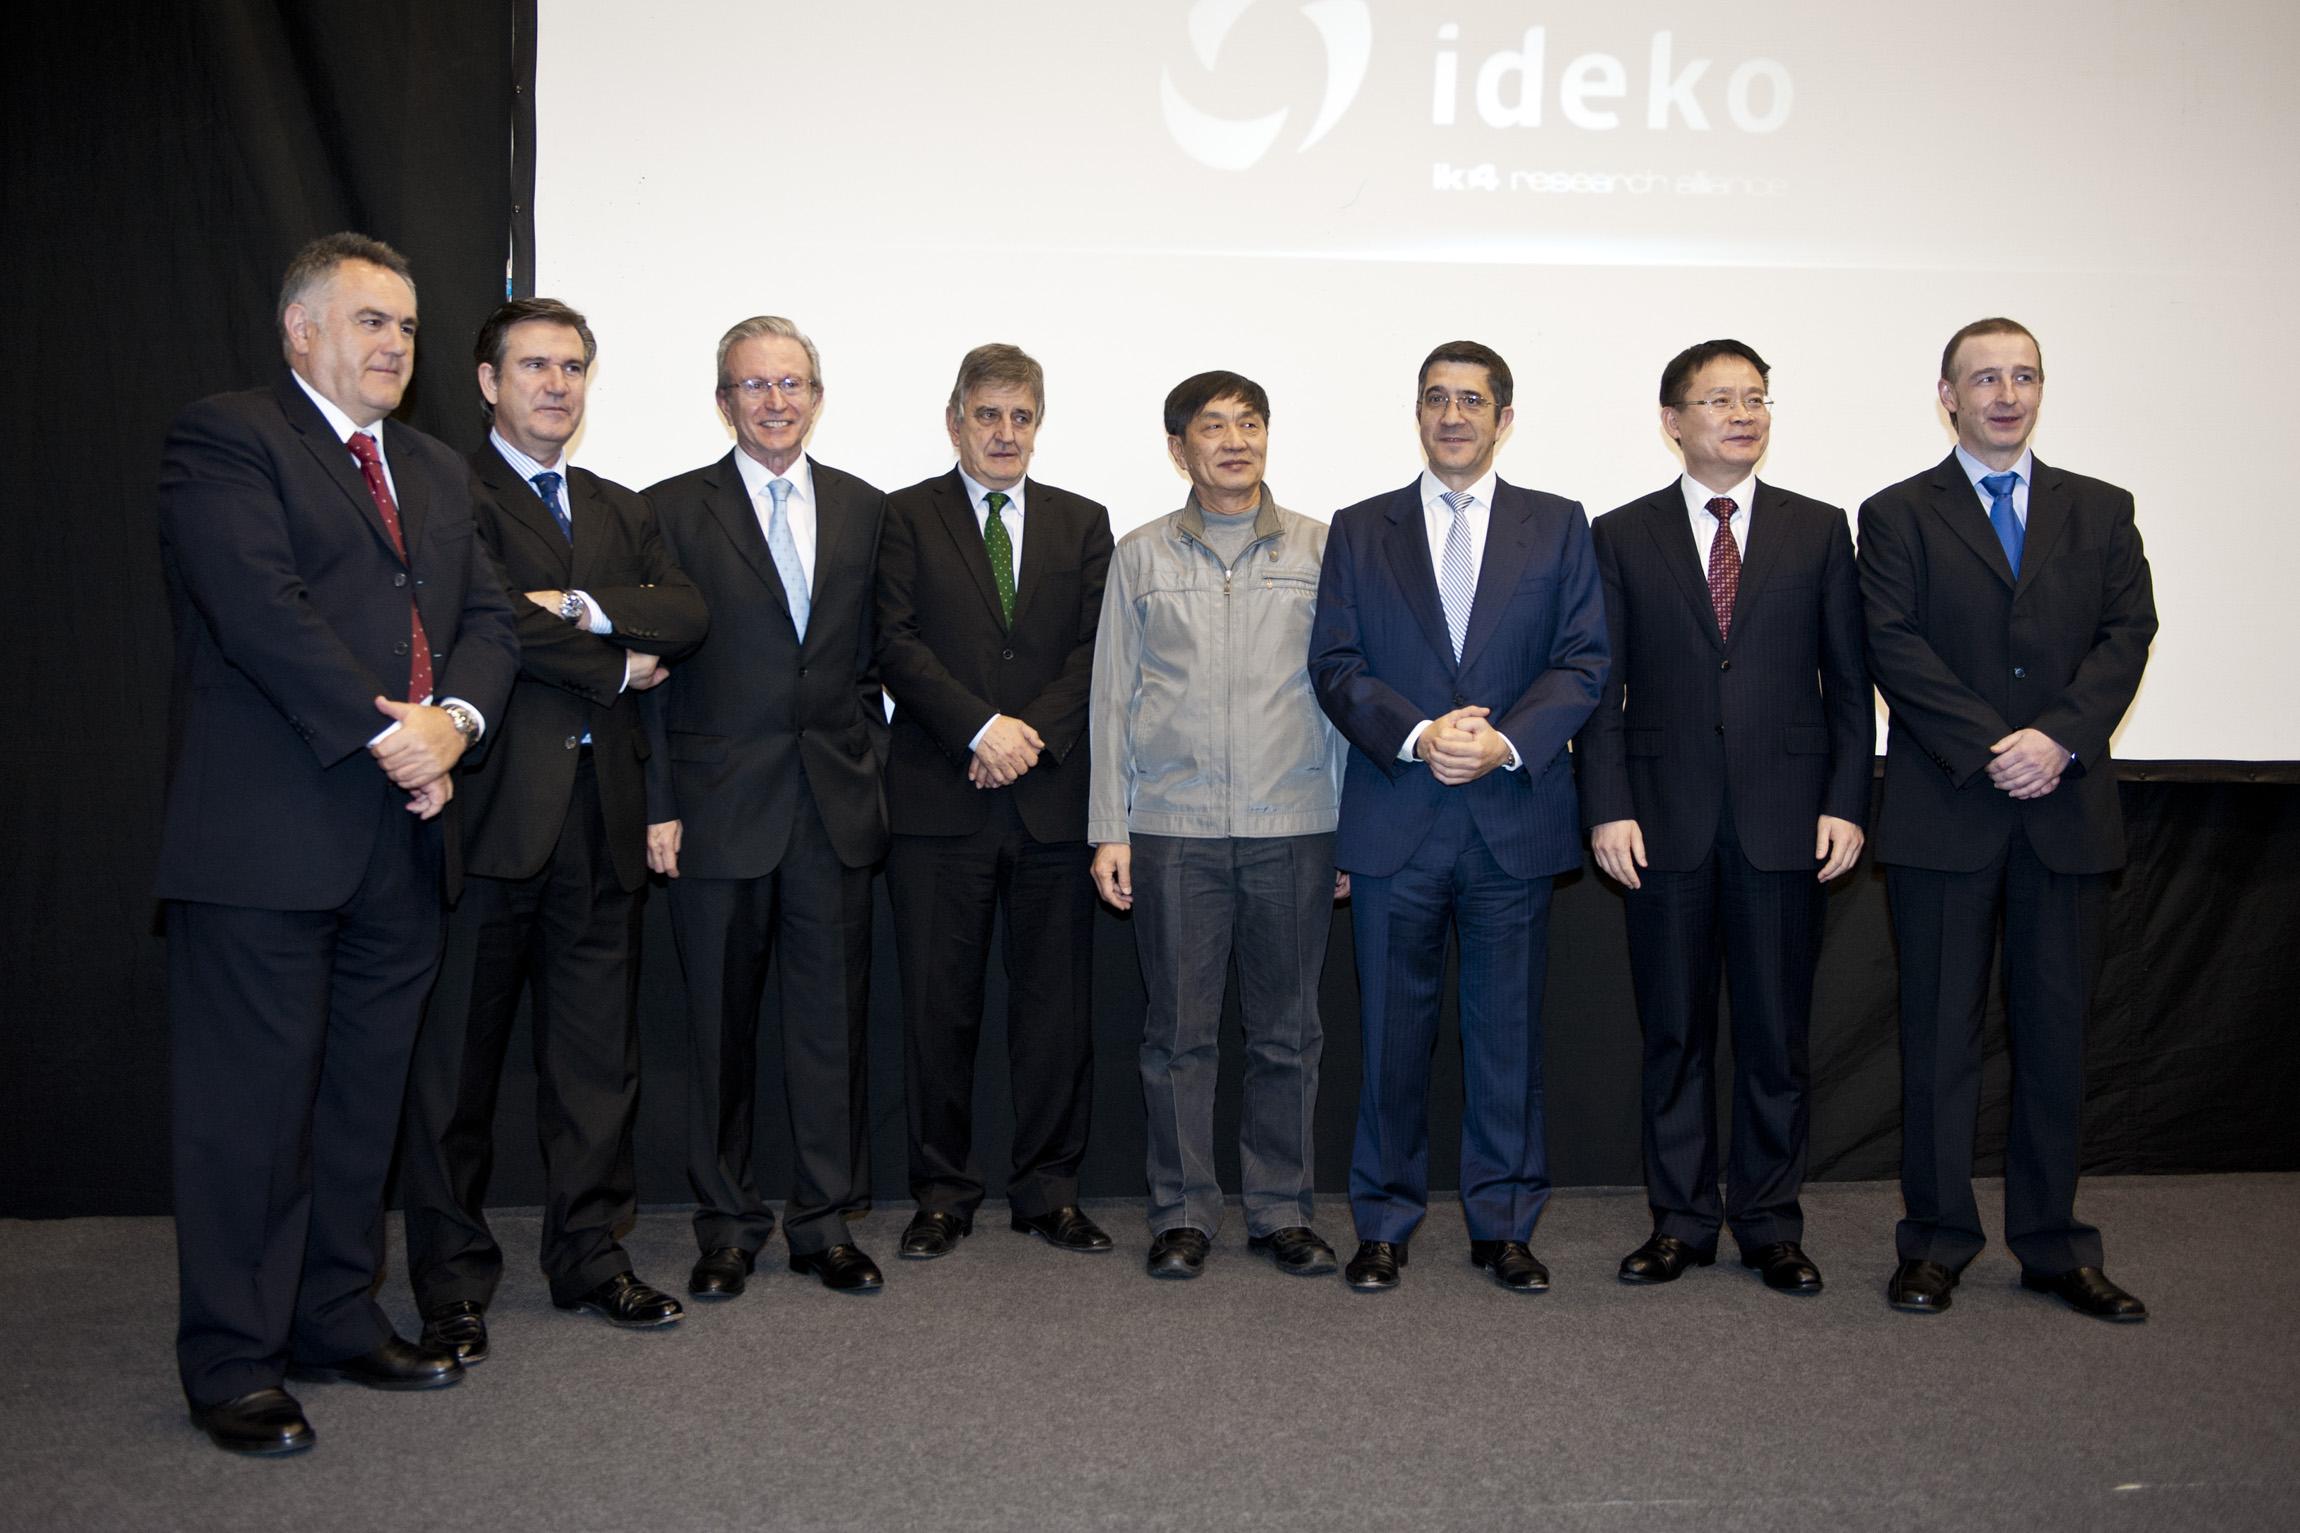 2011_12_14_lehen_ideko_114.jpg